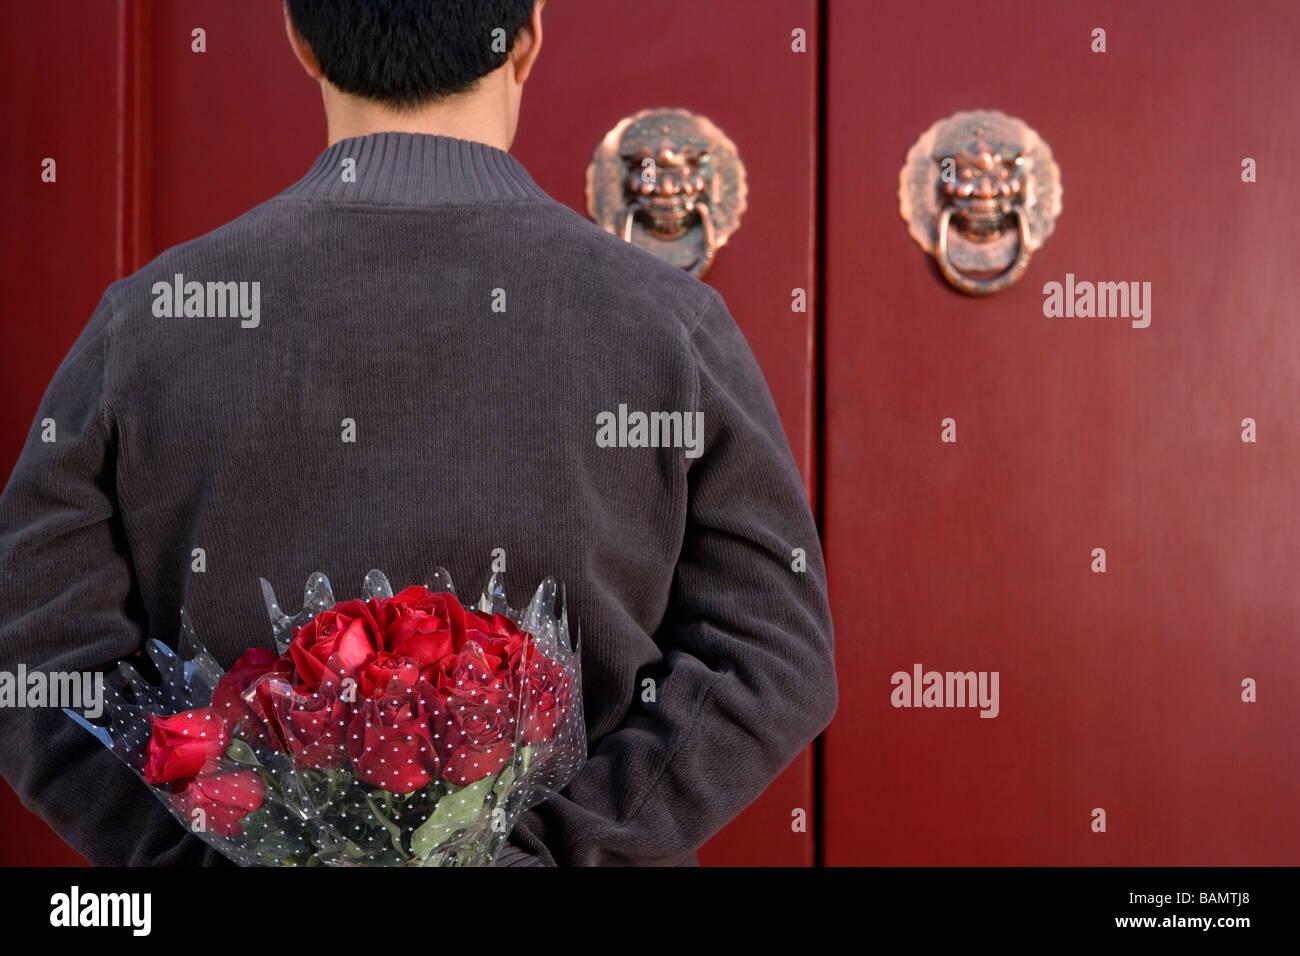 Jeune homme en attente à l'avant porte avec un bouquet de roses derrière son dos Photo Stock